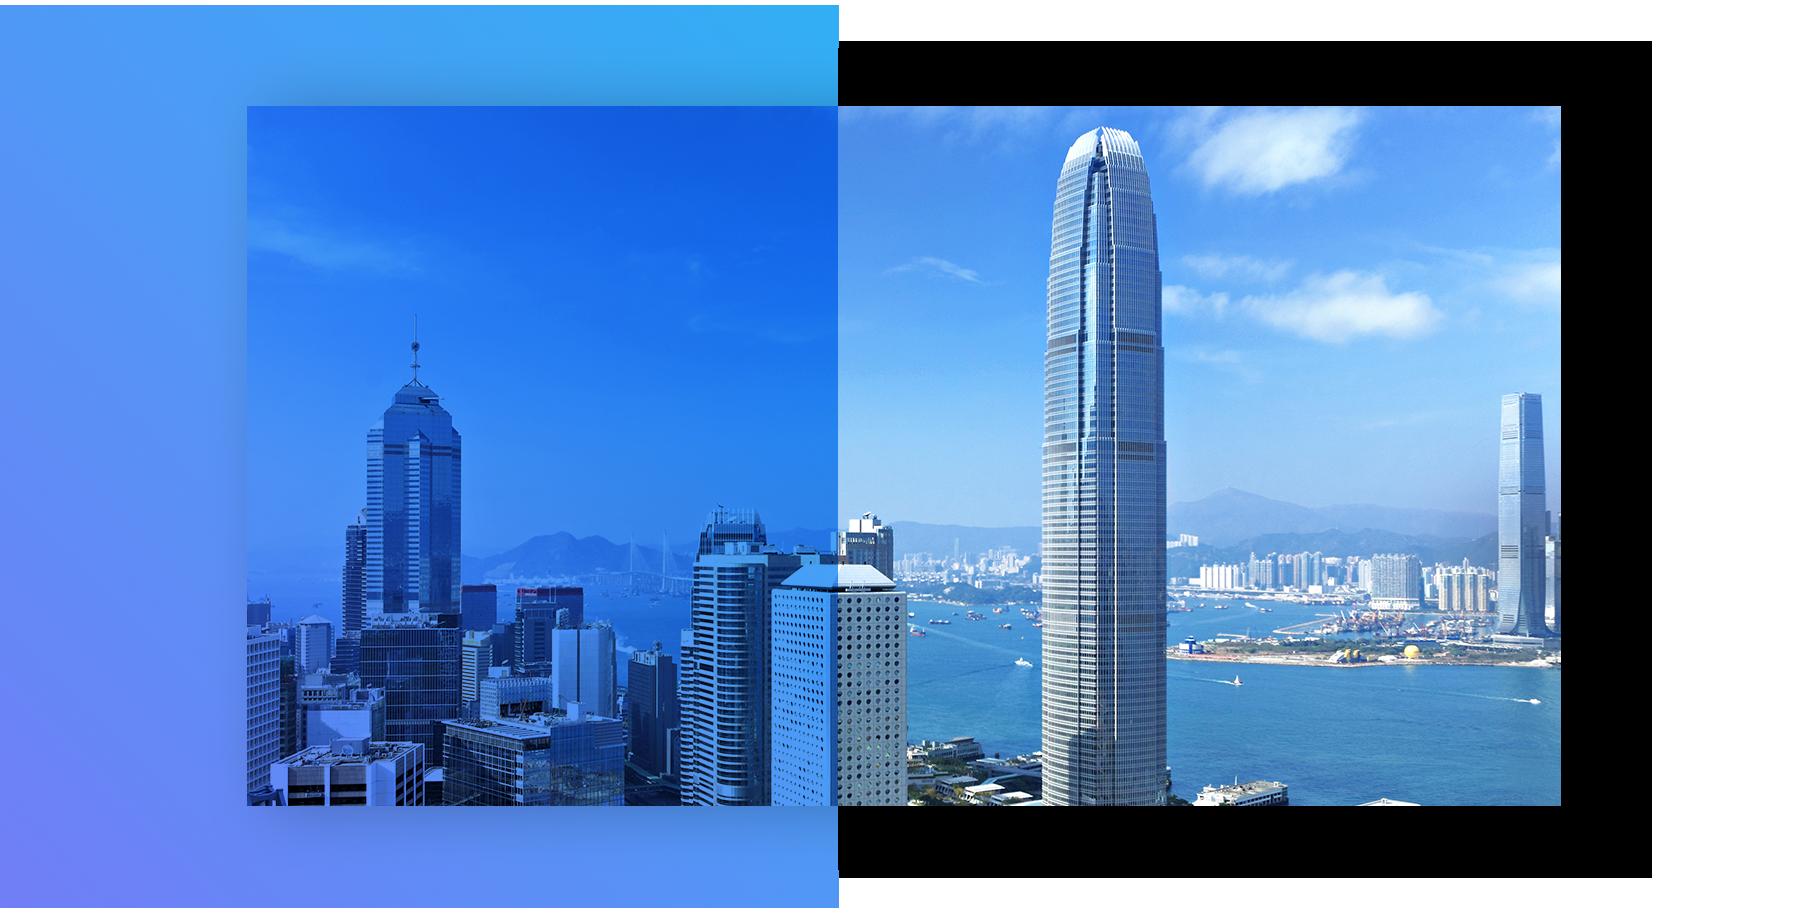 hkt homepage header 04 - 科技券諮詢服務 - 中小企業務提升方案 | 香港電訊 HKT